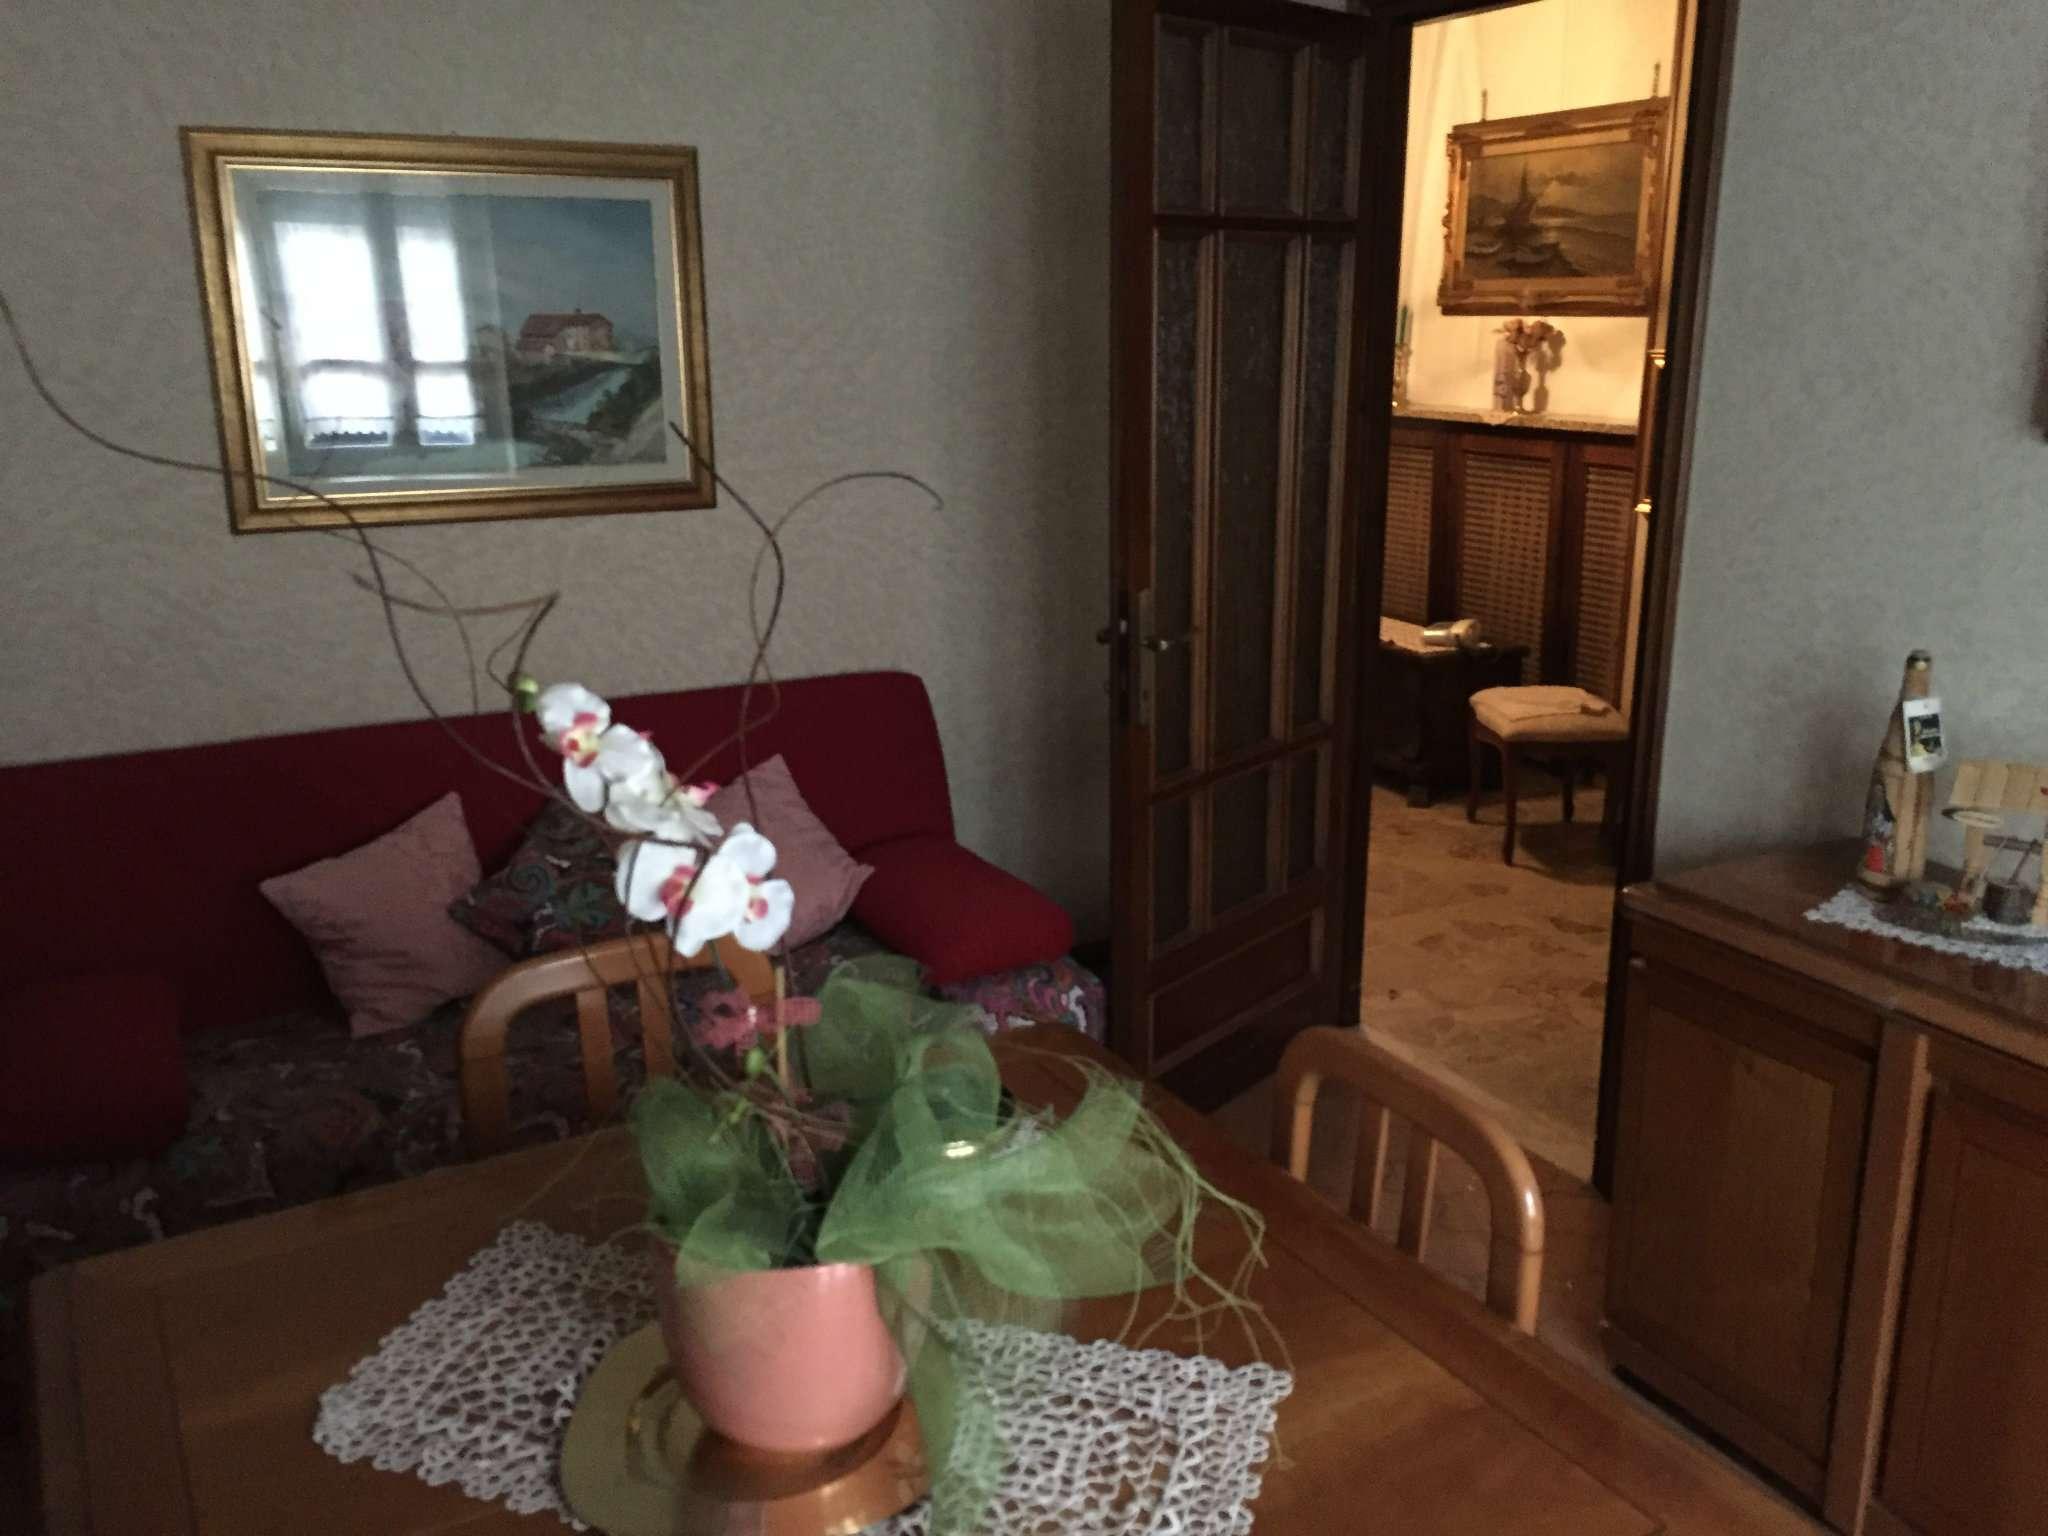 Palazzo / Stabile in vendita a Viadana, 3 locali, prezzo € 75.000 | CambioCasa.it